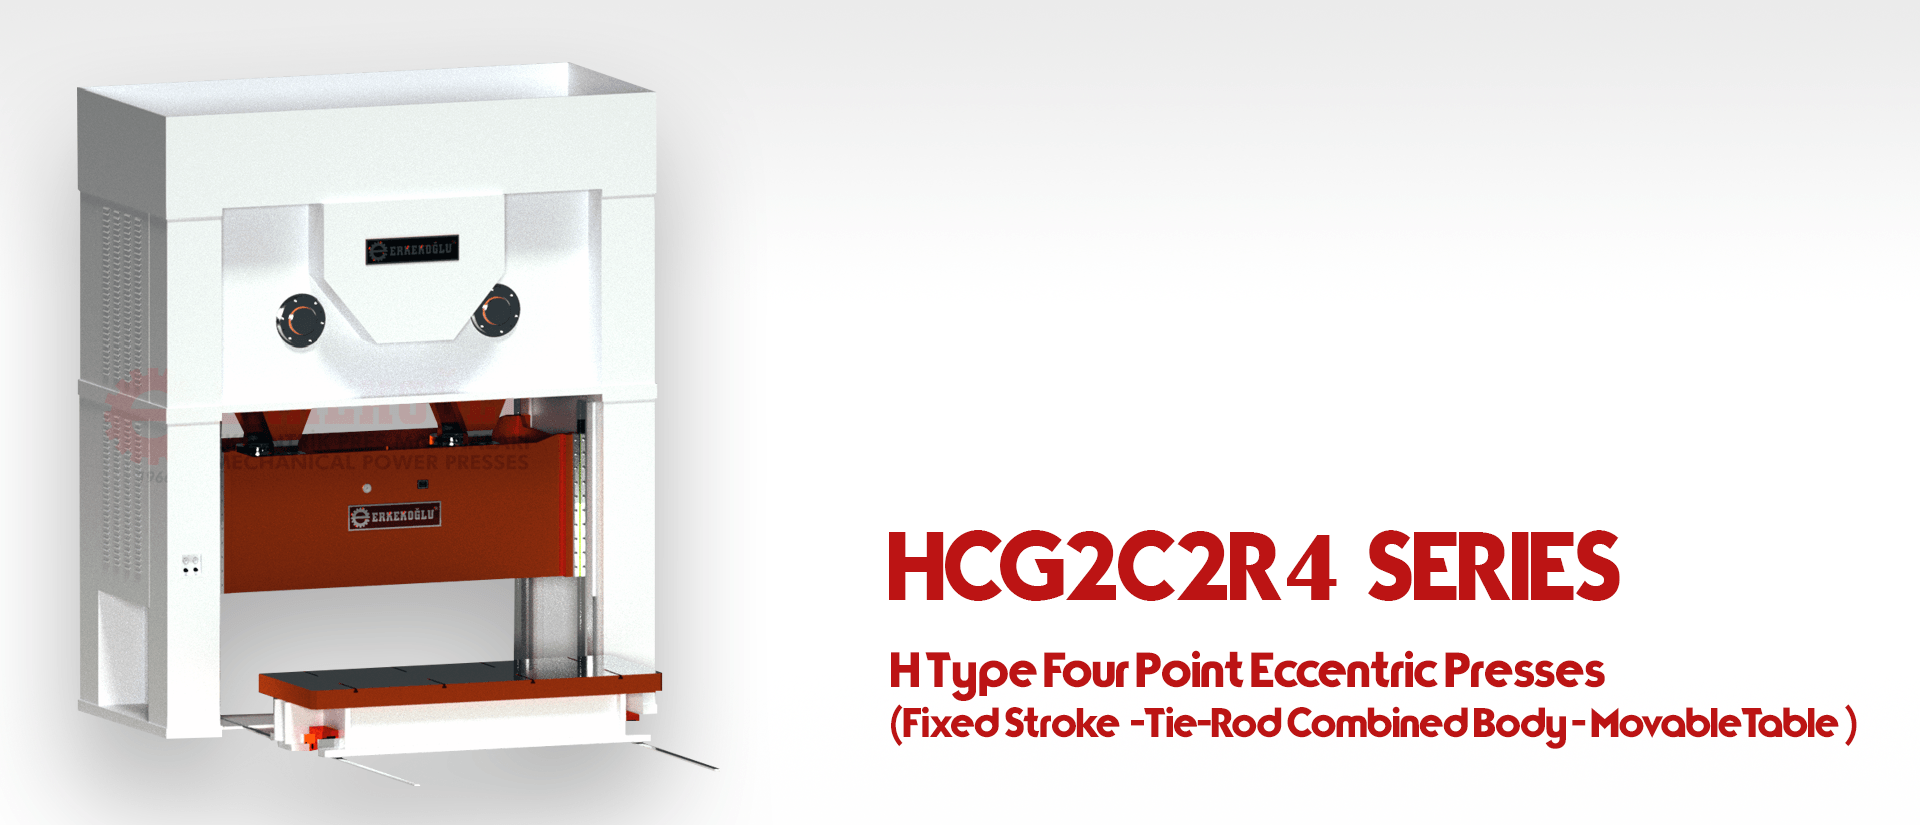 HCG2C2R4-eng-2